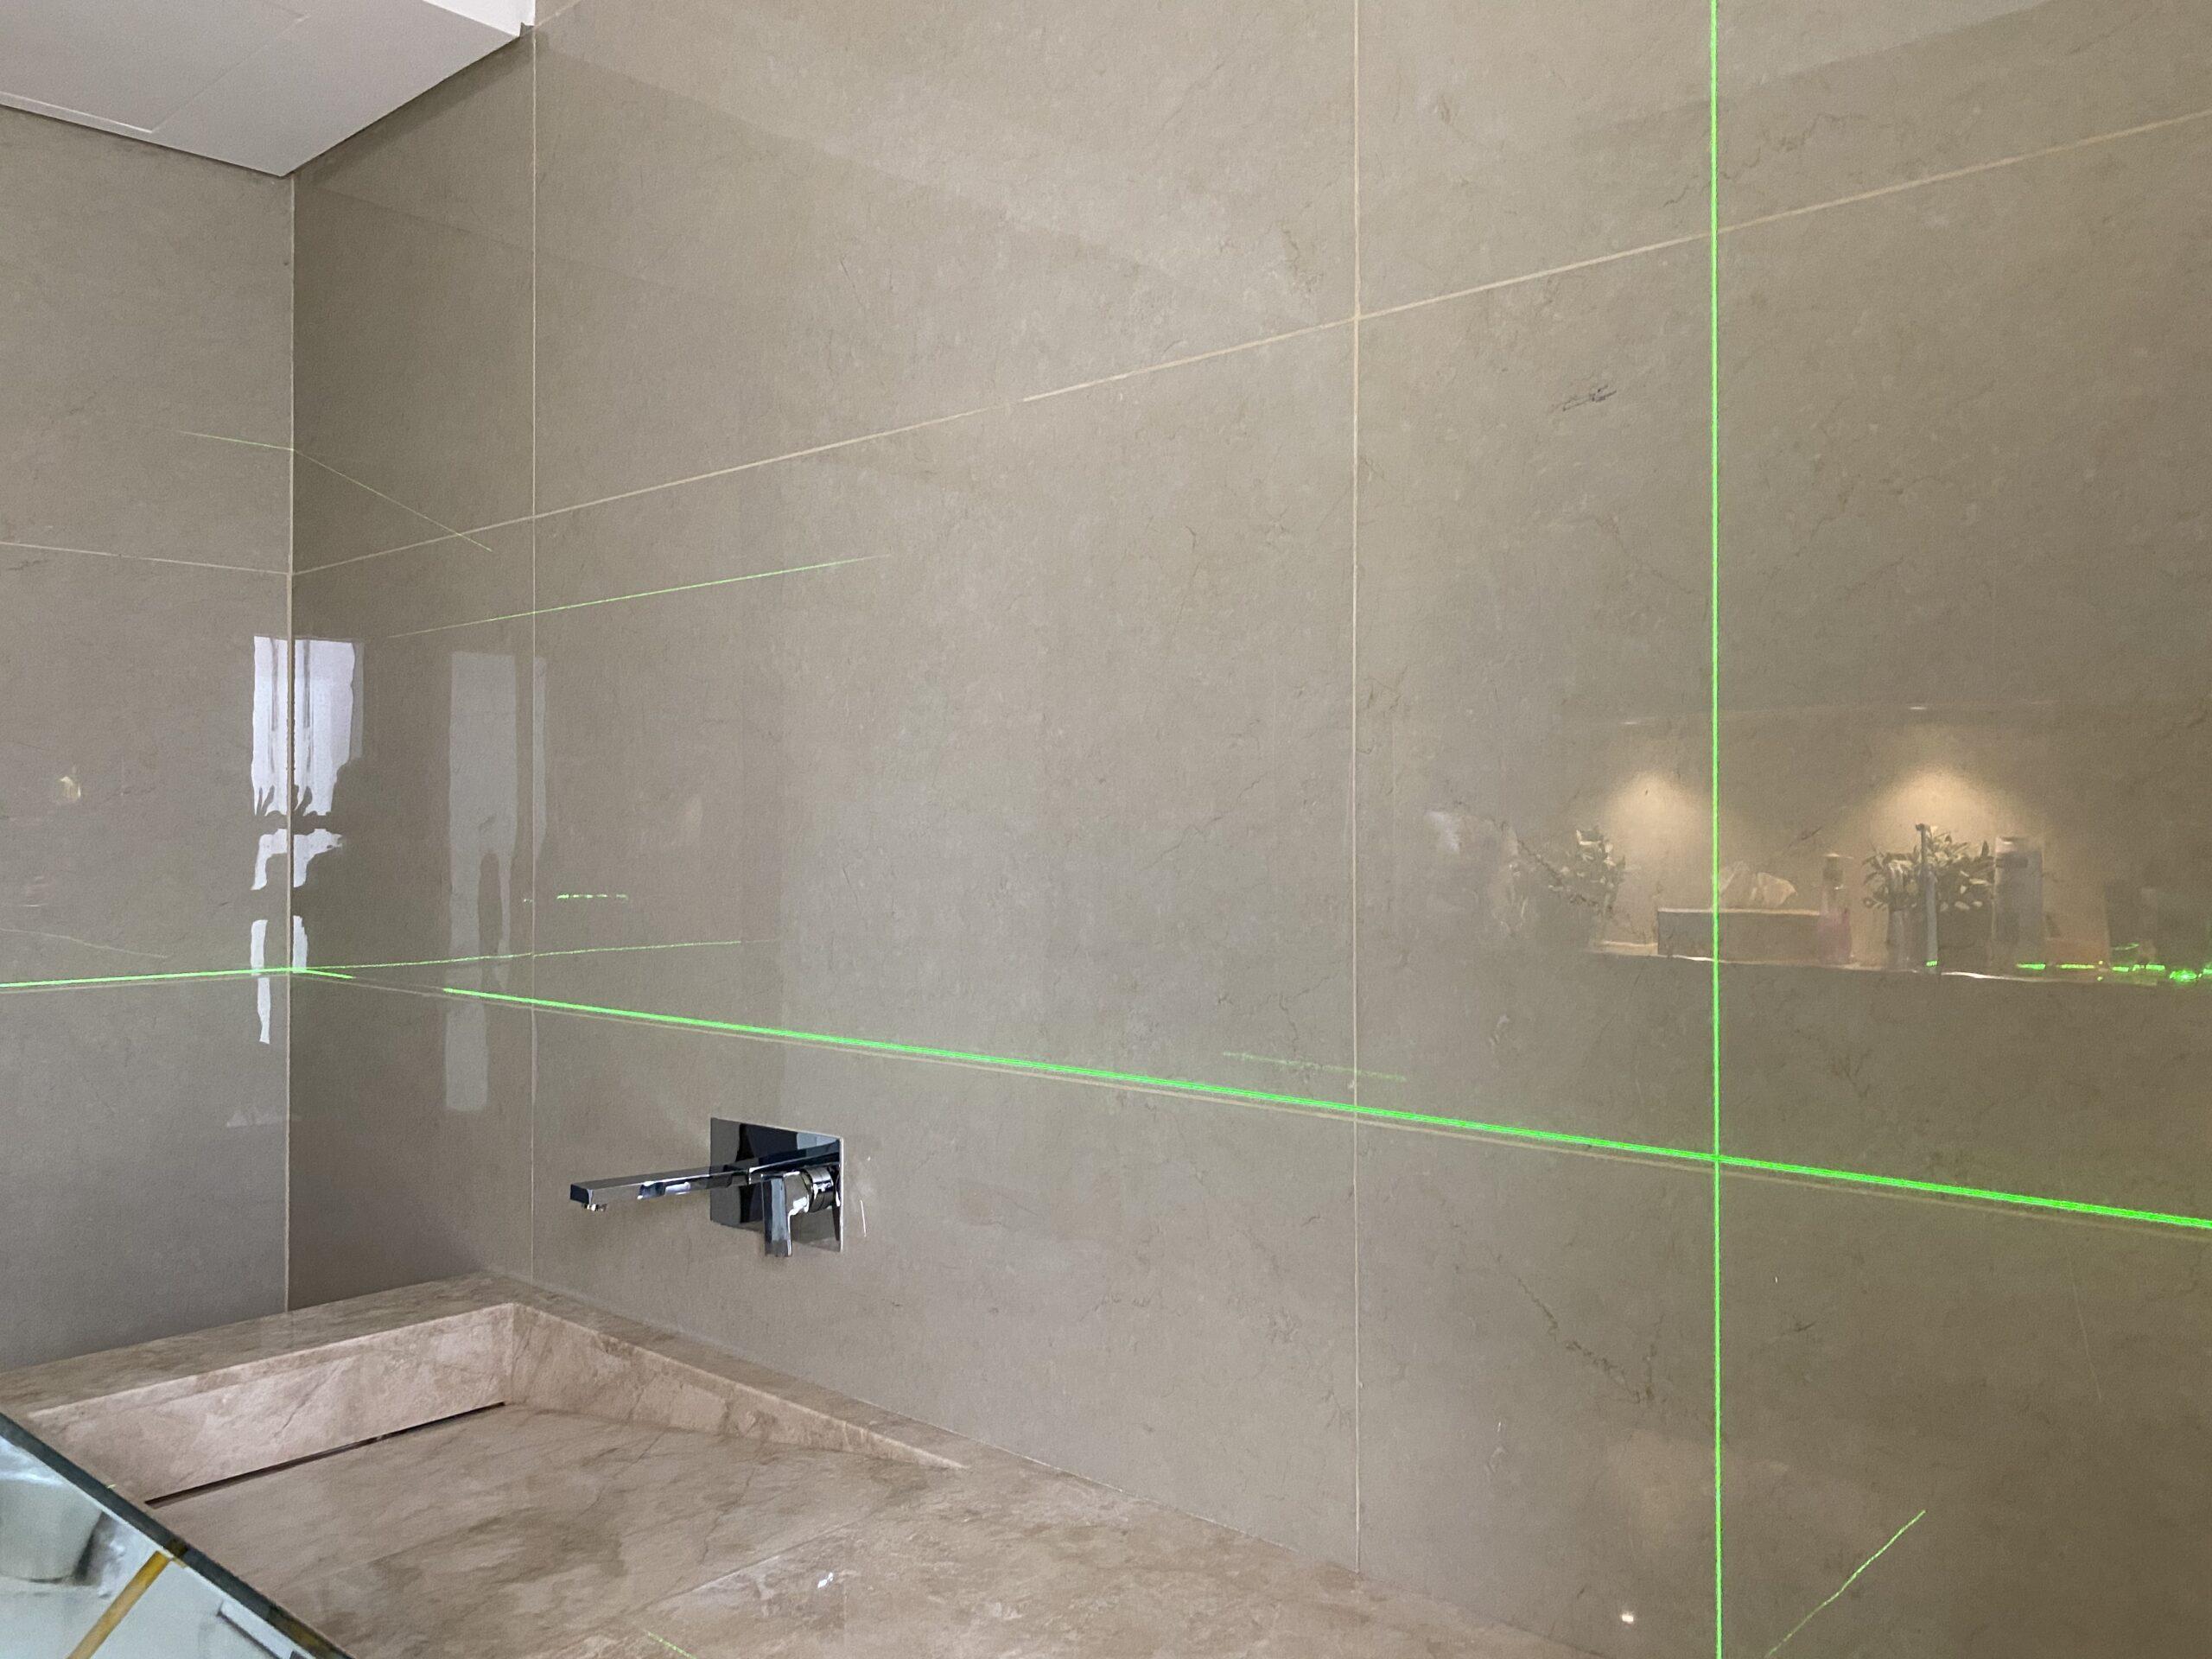 استخدام الاجهزية الحديثة لضمان دقة الاعمال (الليزر) لاخذ الارتفاعات والميلان